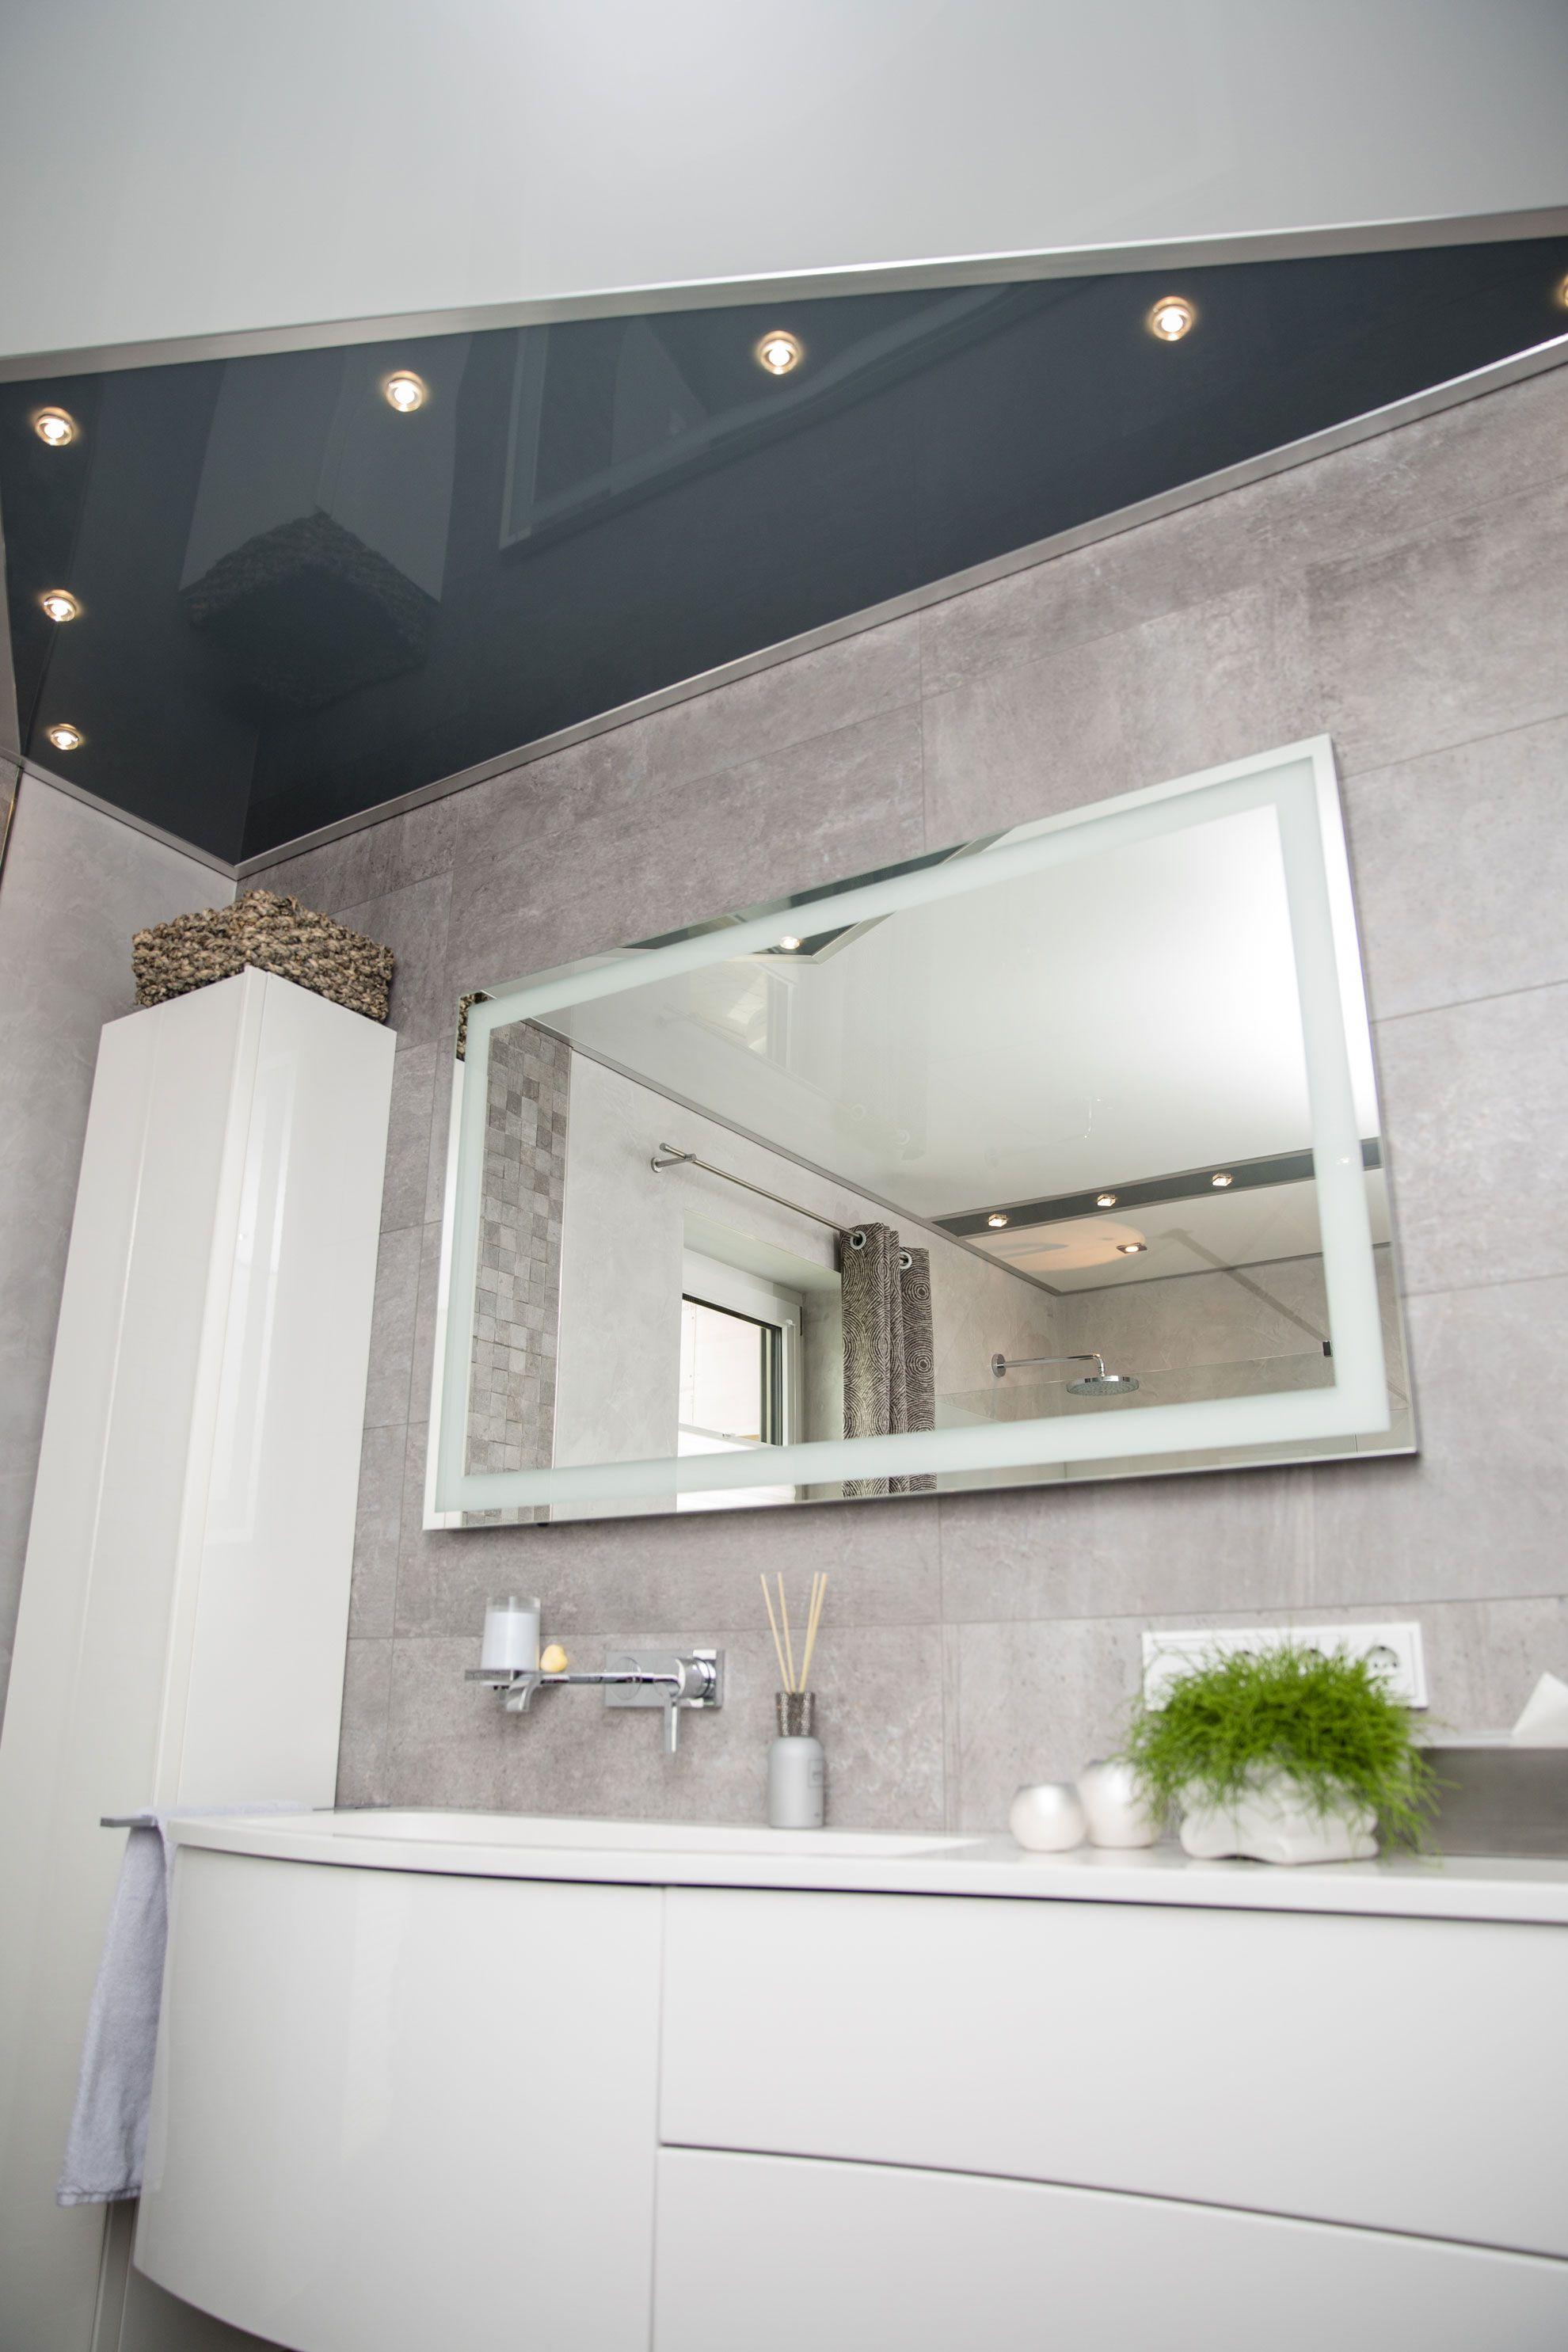 Badezimmer Decke mit Beleuchtung Inspiration badezimmer